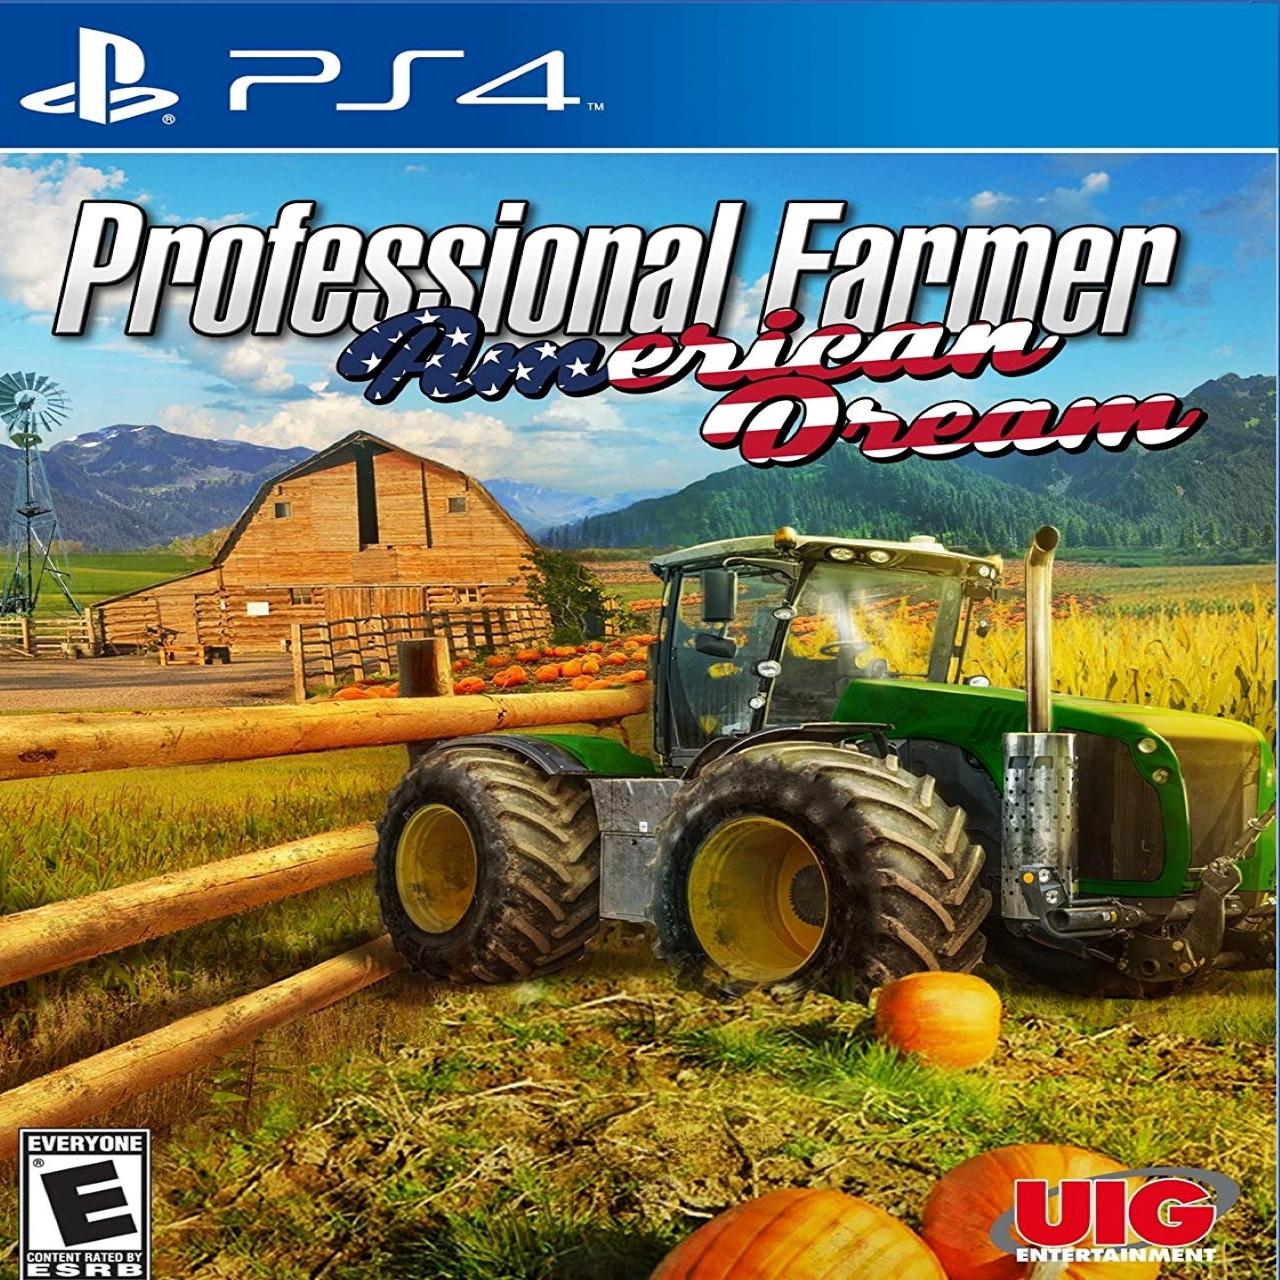 Professional Farmer American Dream (английская версия) PS4